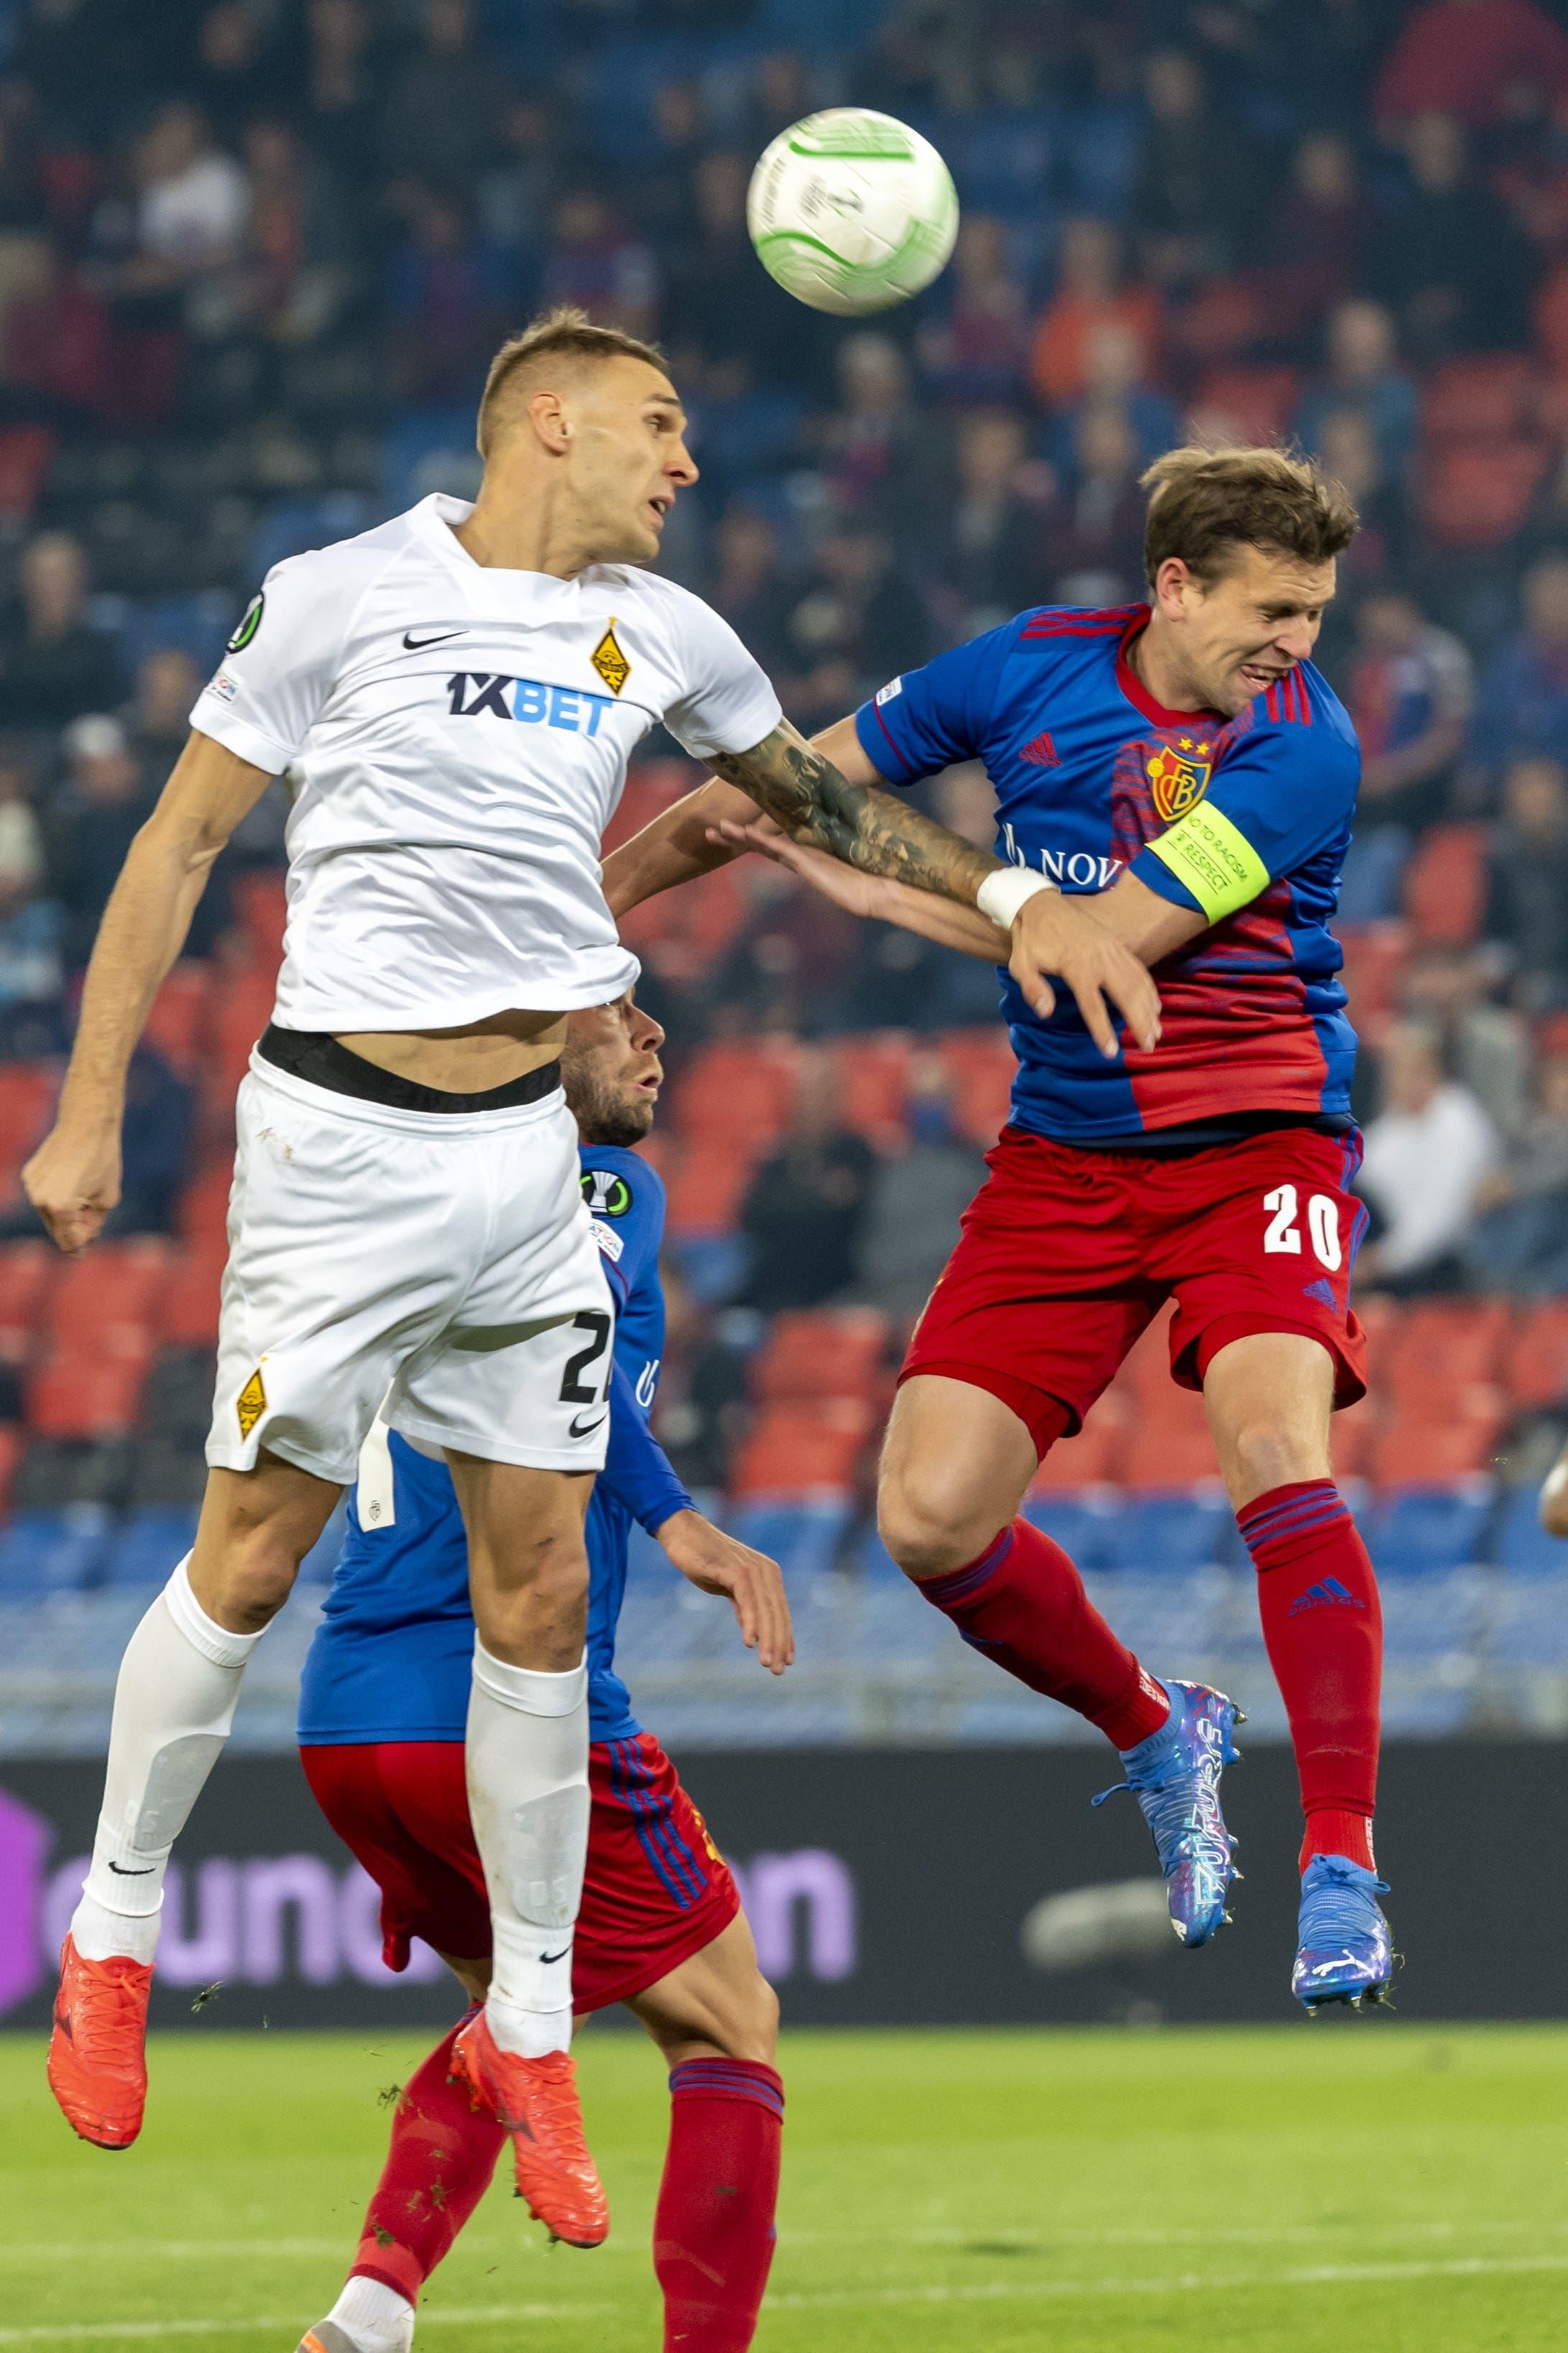 Der Ball ist oft in der Luft sodass es zu Kopfballduellen kommt. Zu Beginn gewinnen diese die Kasachen später aber der FCB und Fabian Frei.